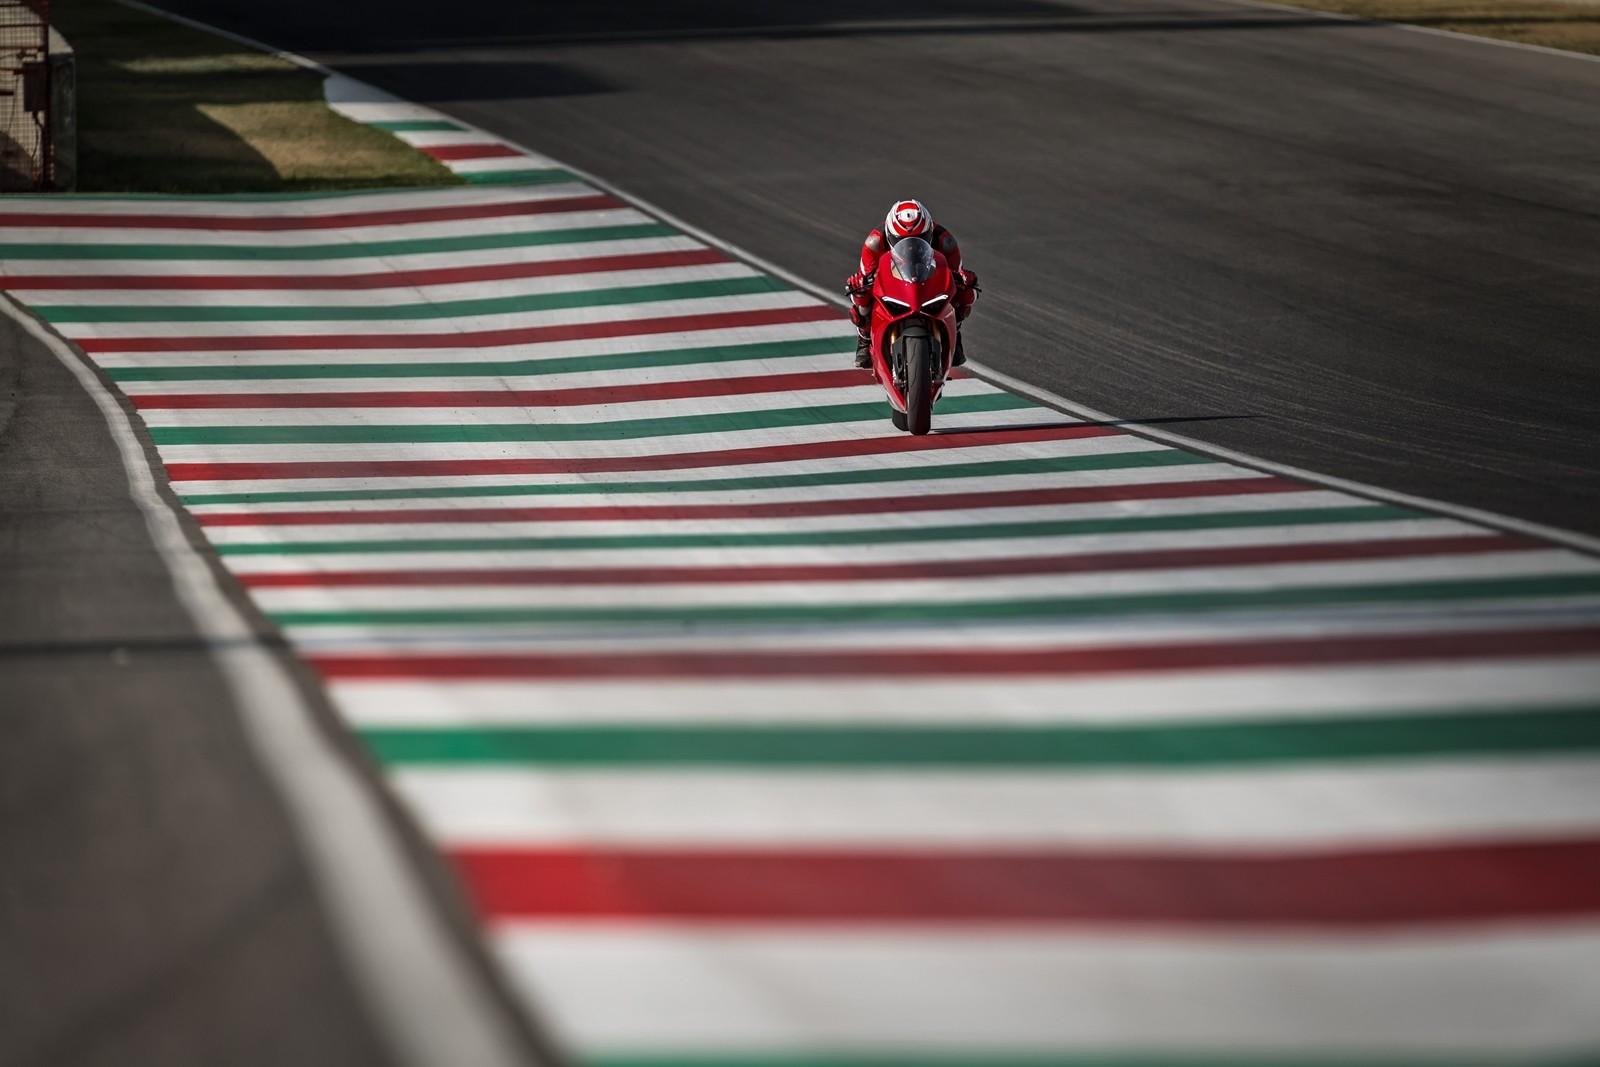 Foto de Ducati Panigale V4 2018 (23/52)